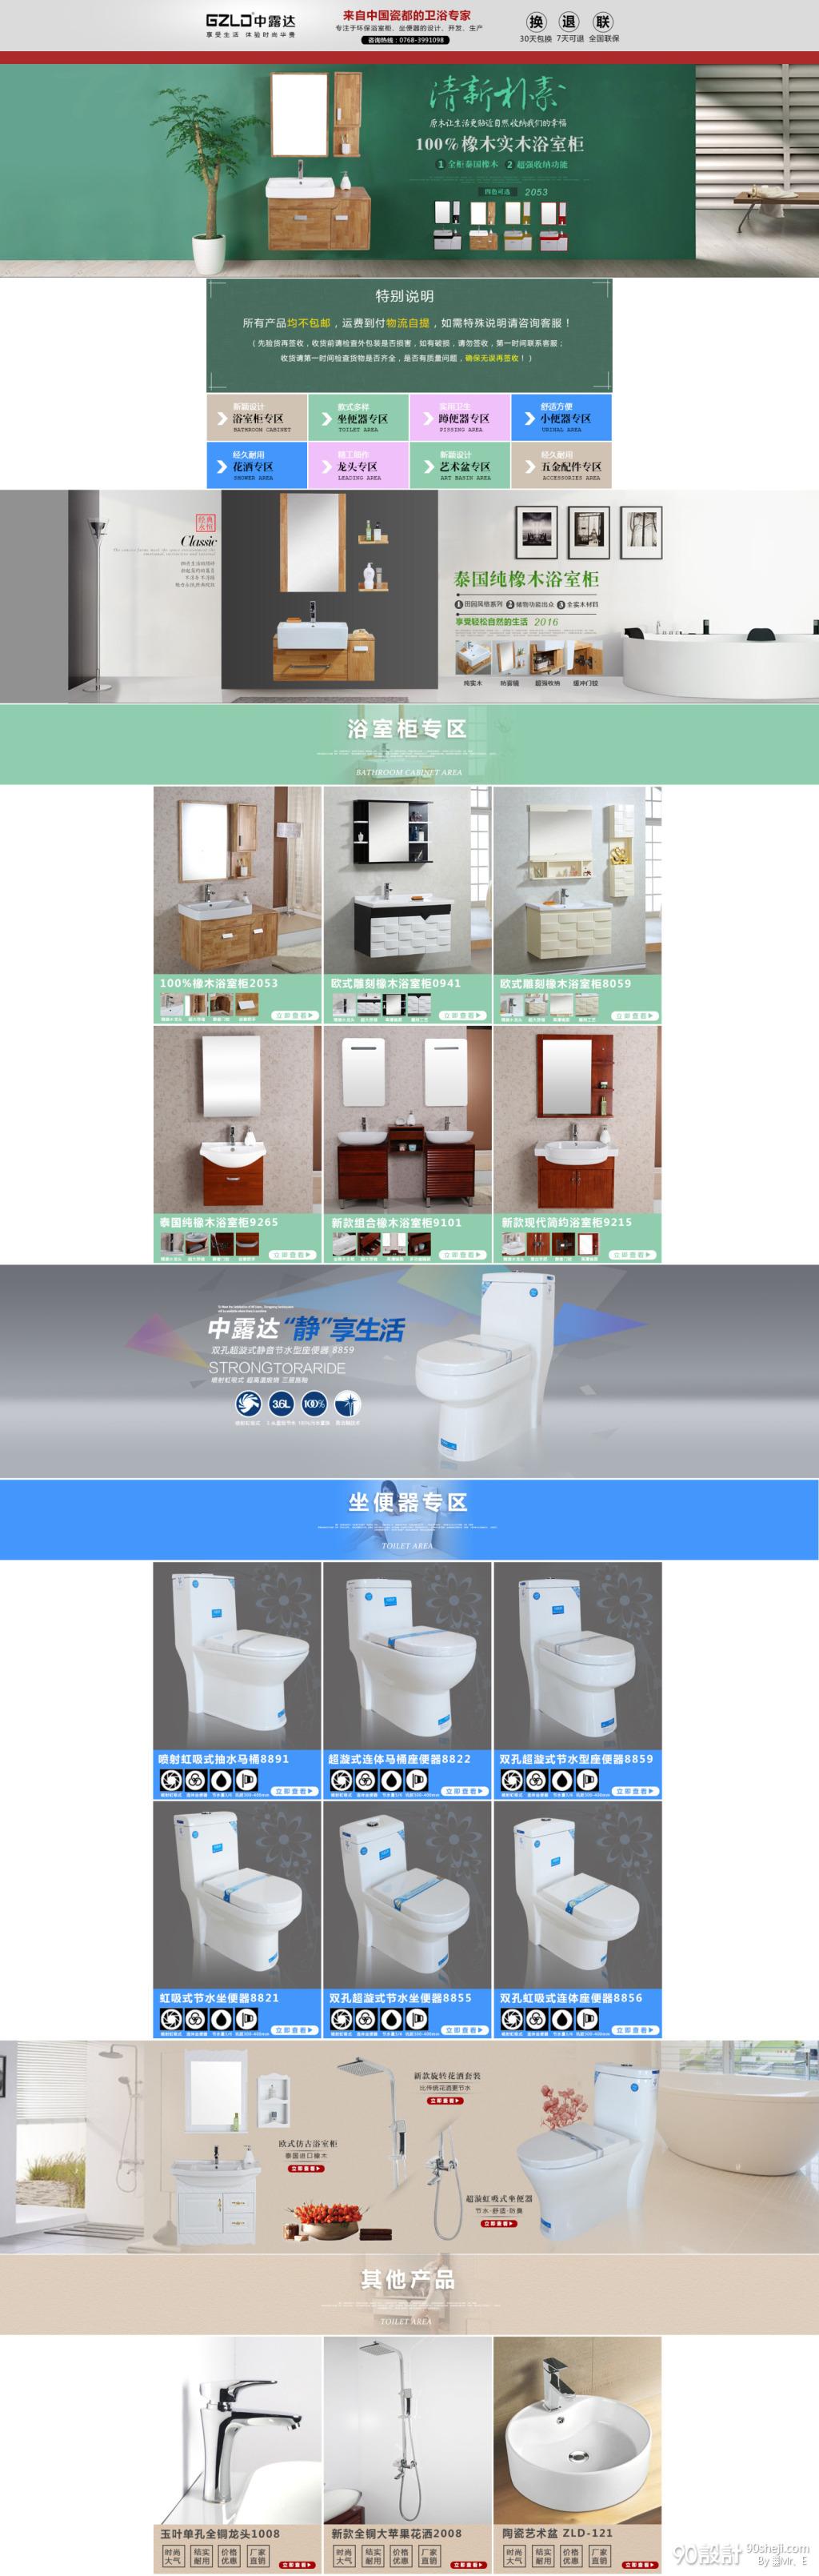 卫浴首页_店铺首页设计_90设计90sheji.com